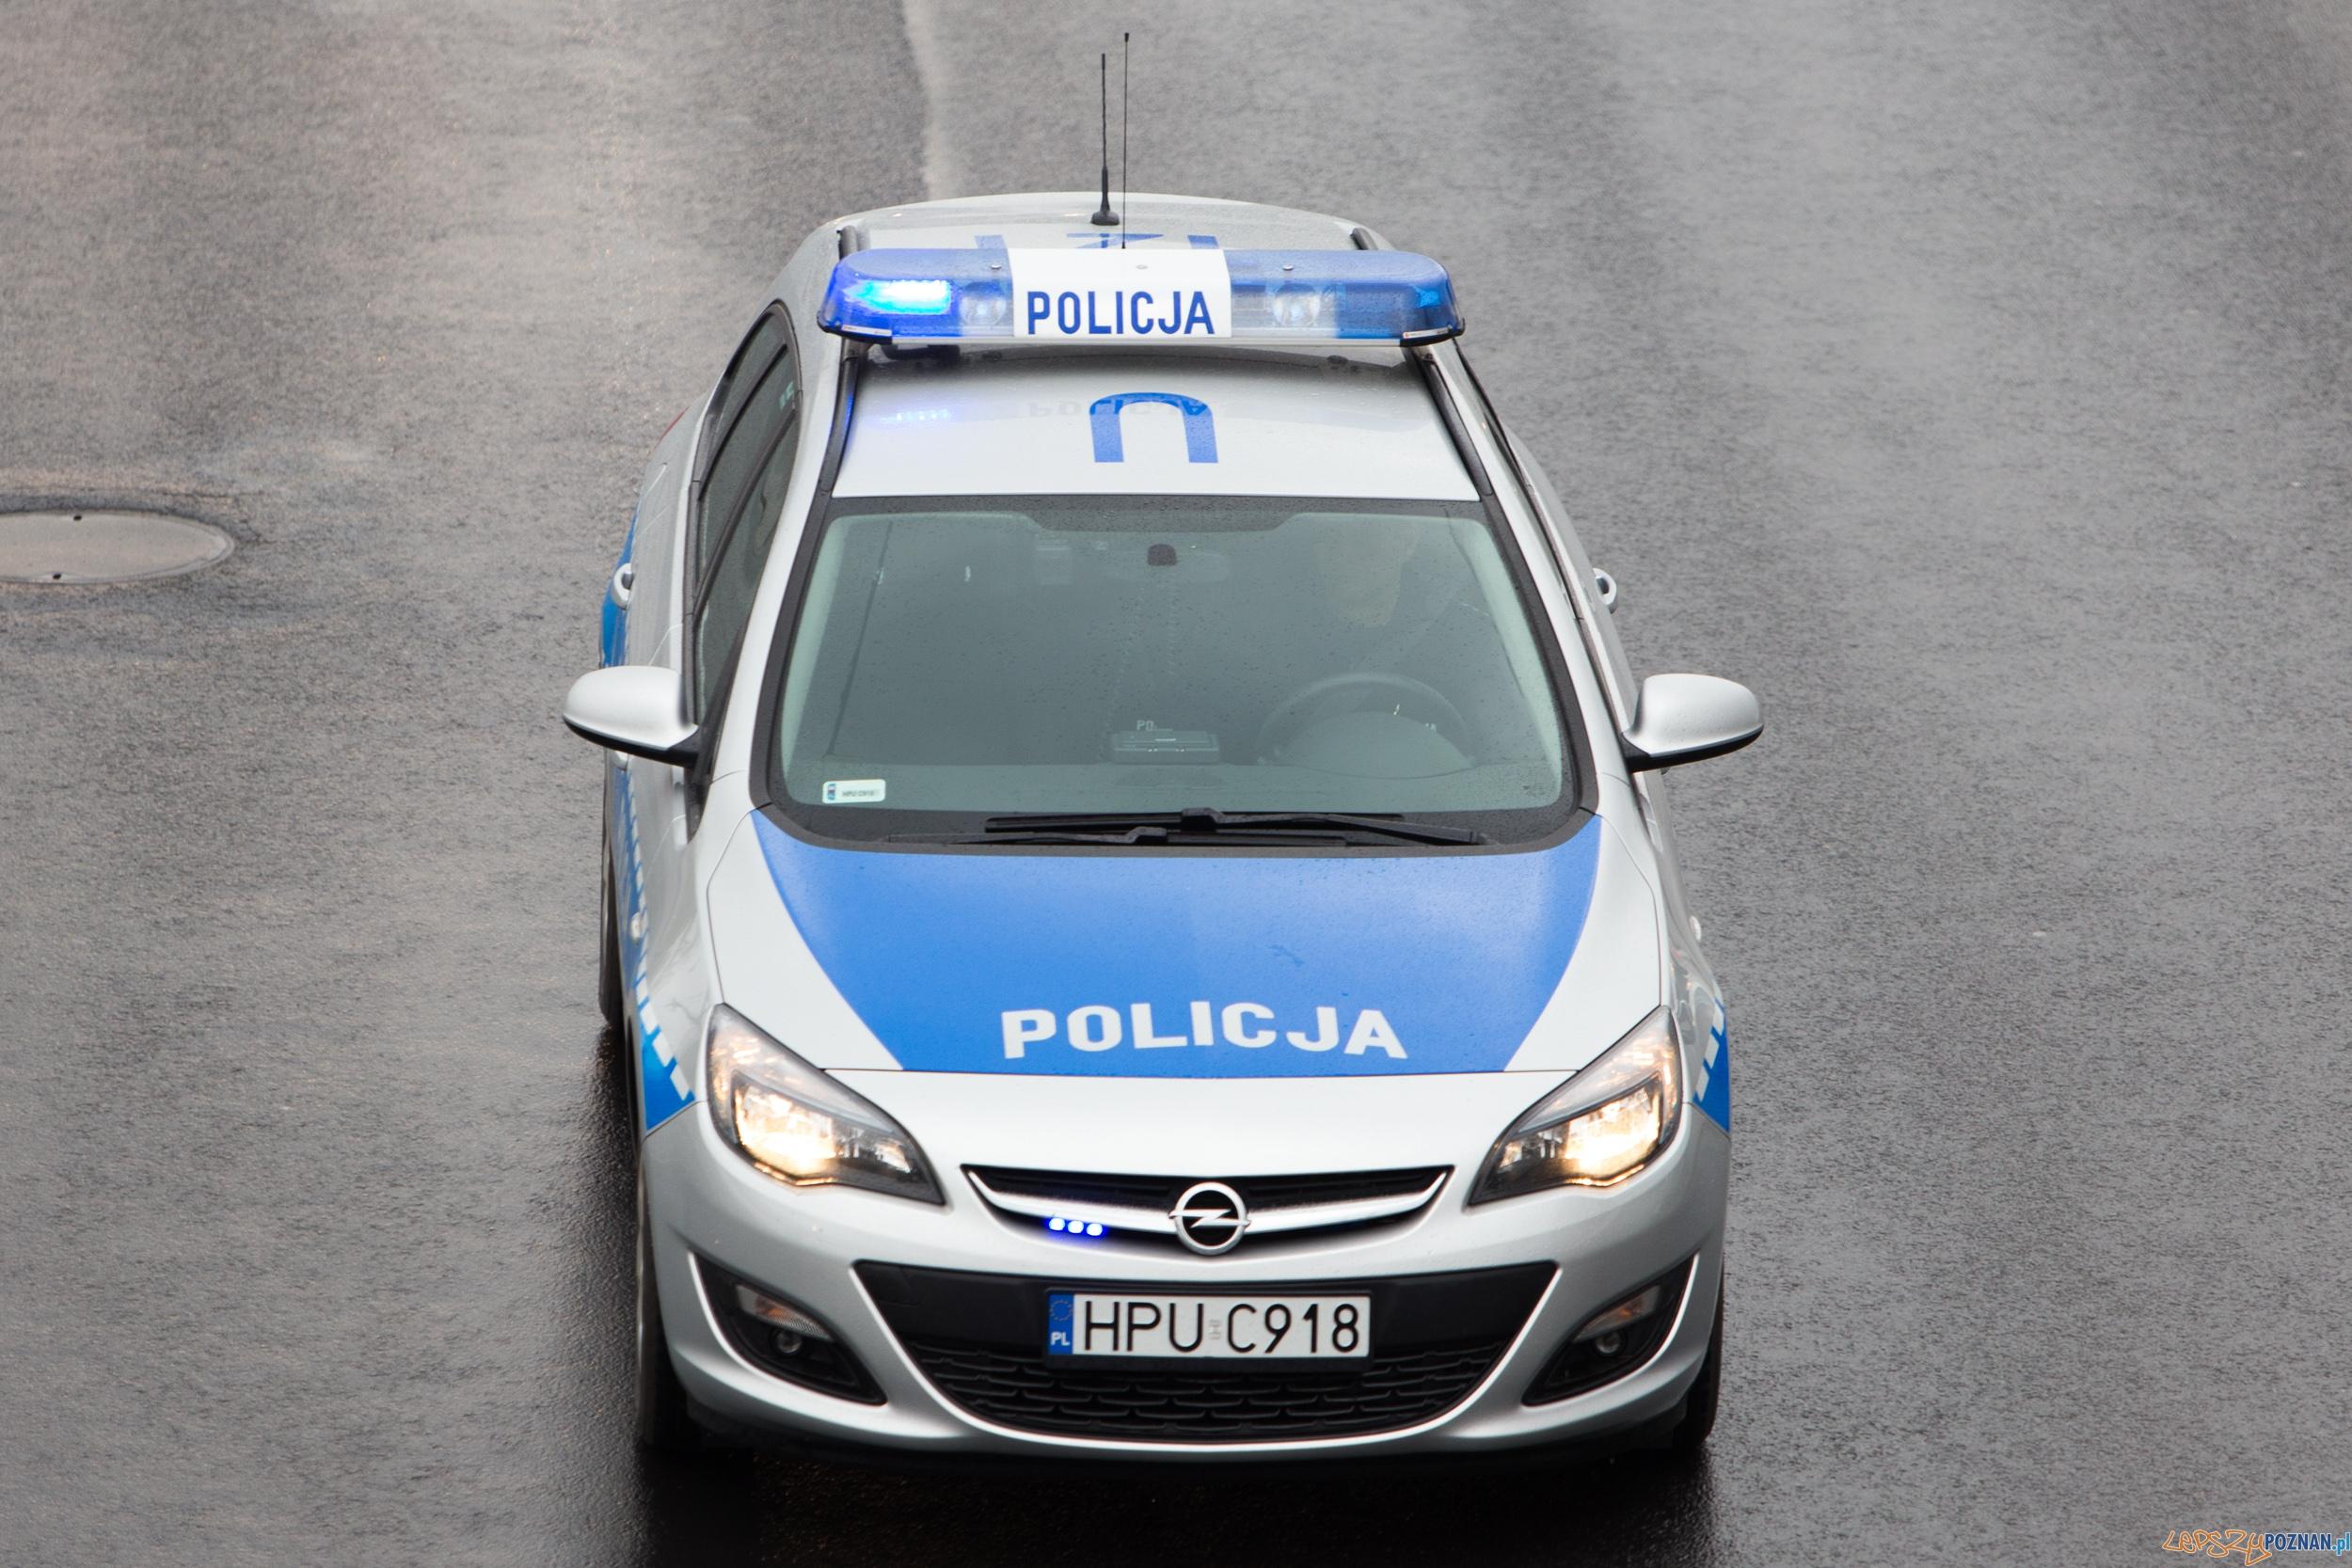 Policja  Foto: lepszyPOZNAN.pl / Piotr Rychter